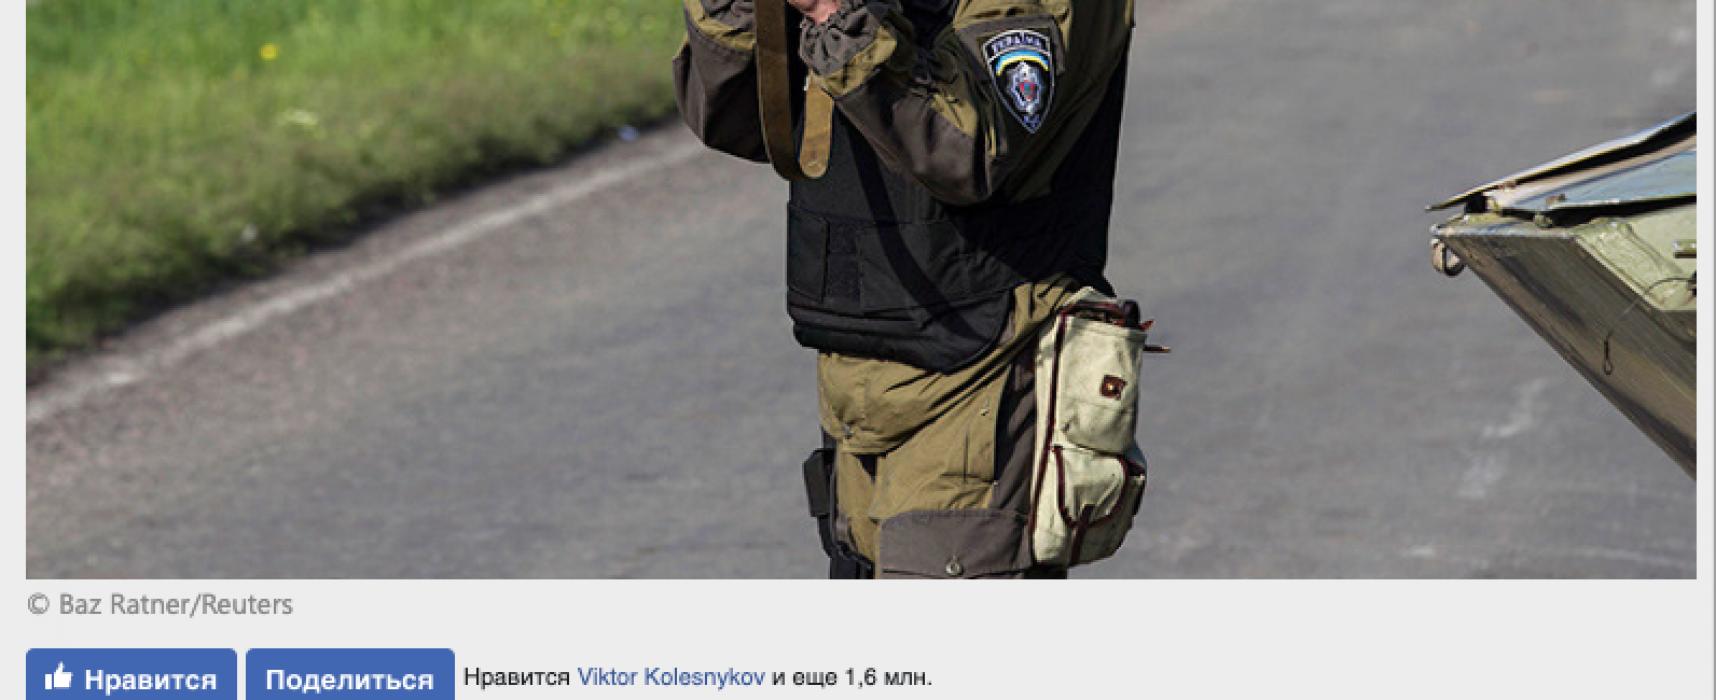 Fake: Tajne dokumenty o naruszeniach ukraińskich sił w Donbasie, nikt tego nie bada